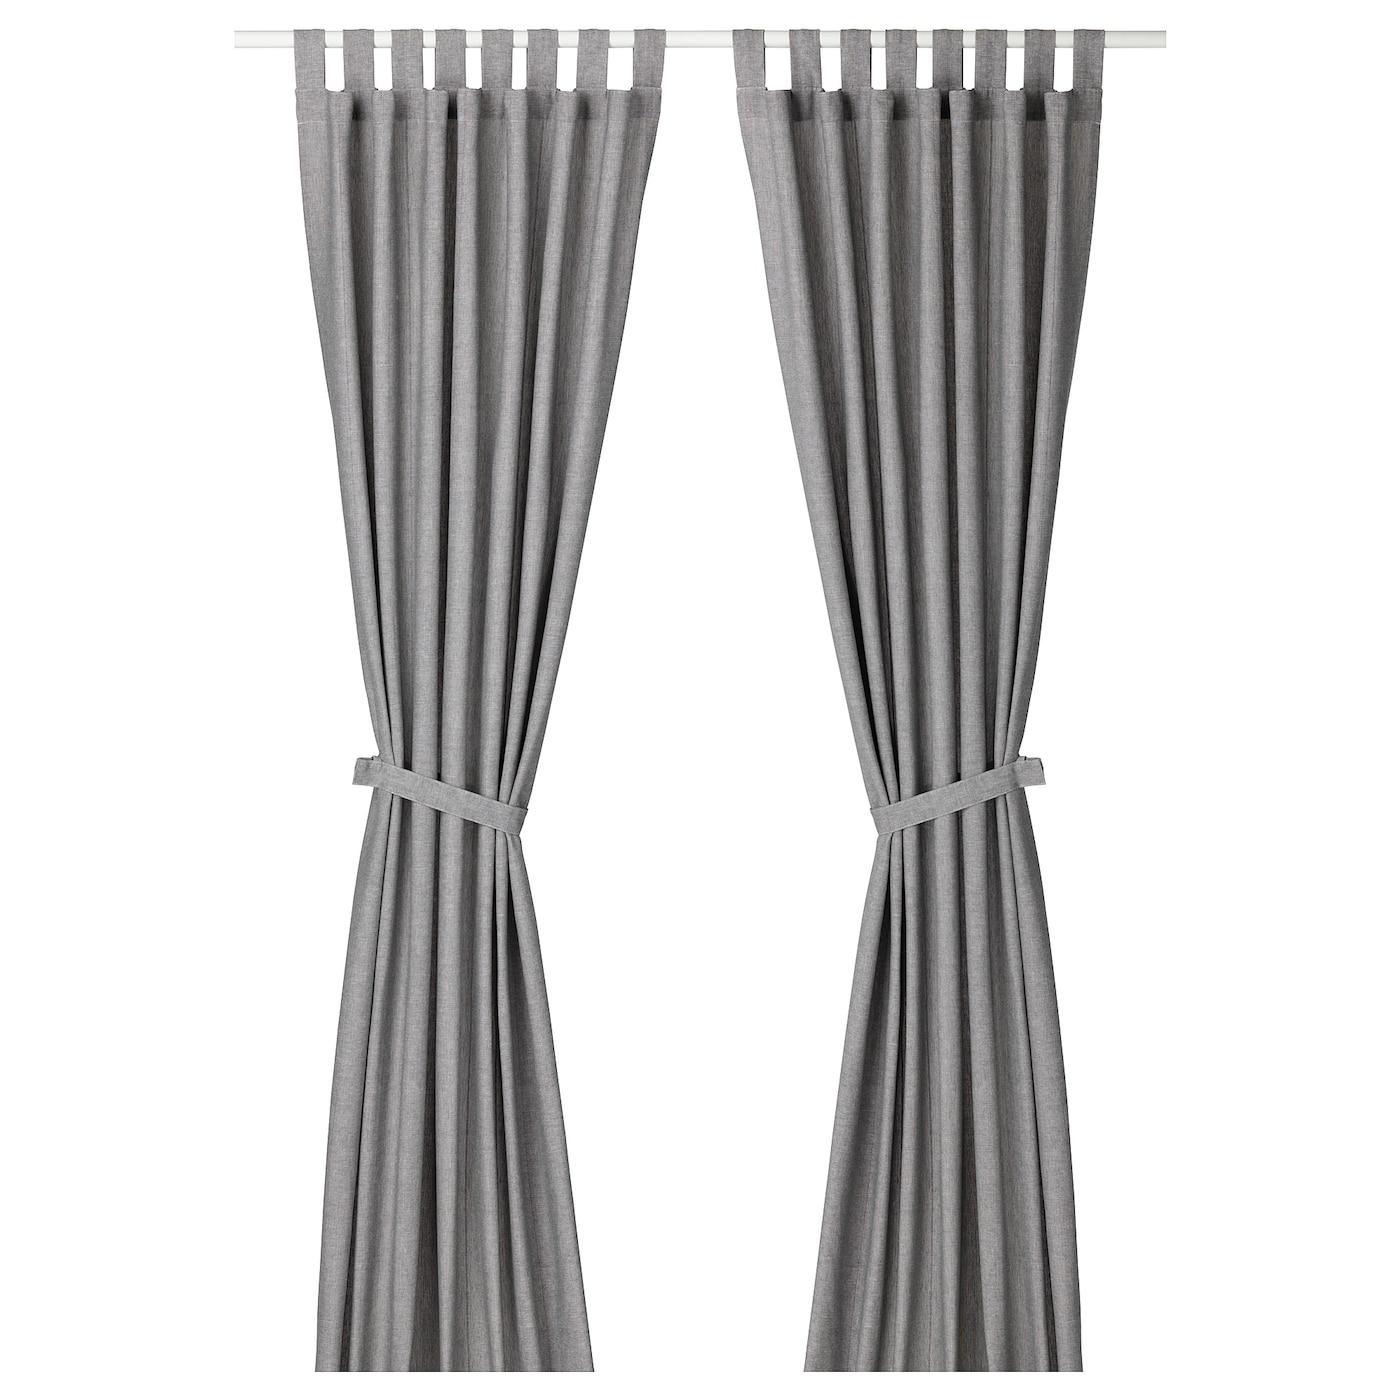 Lenda Rideaux+Embrasses, 2 Pcs - Gris 140X300 Cm dedans Armoire De Jardin - Ikea